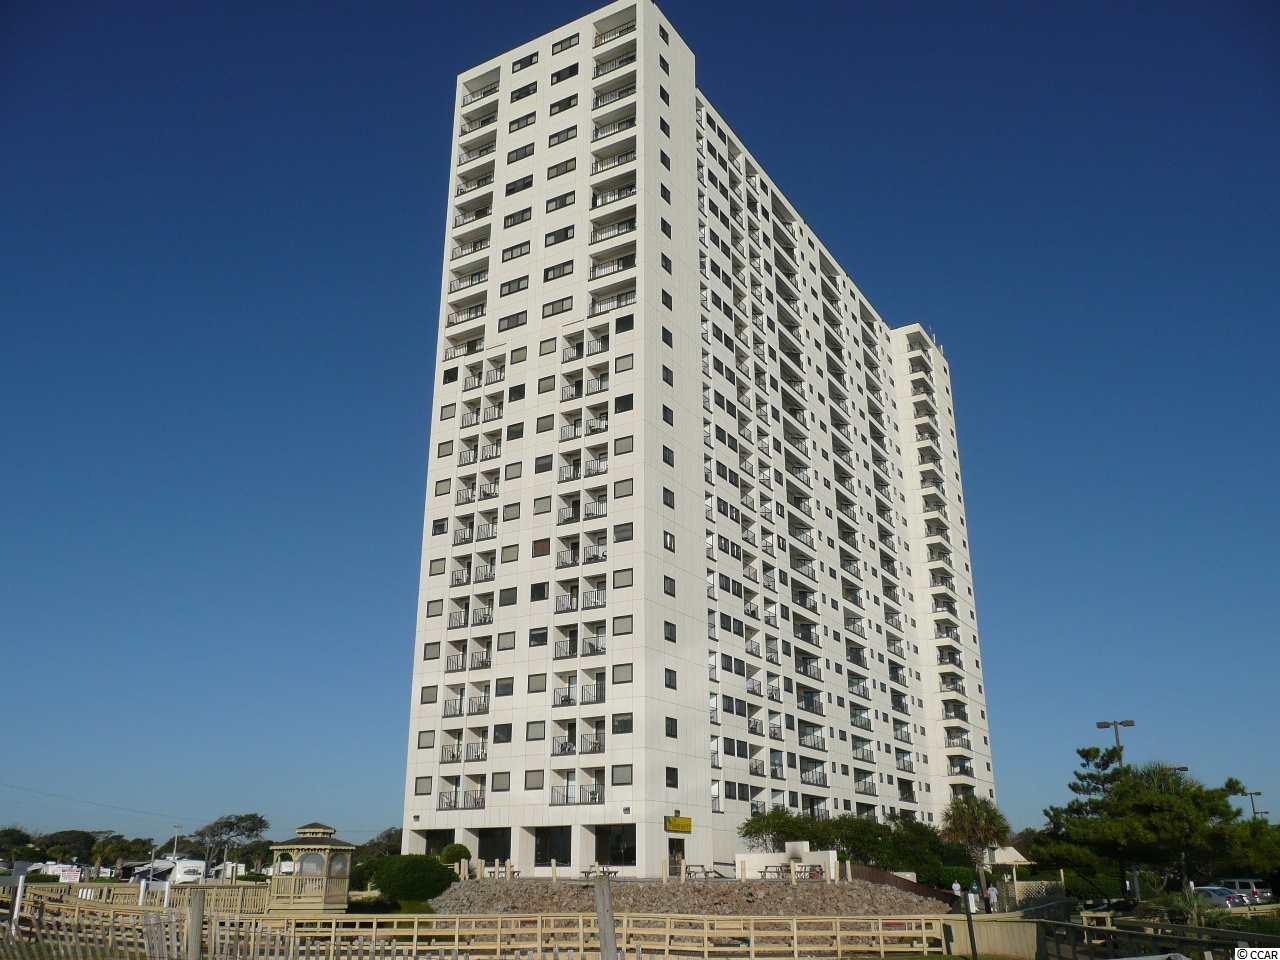 Unit 1615 C Myrtle Beach Renaissance Tower Property For